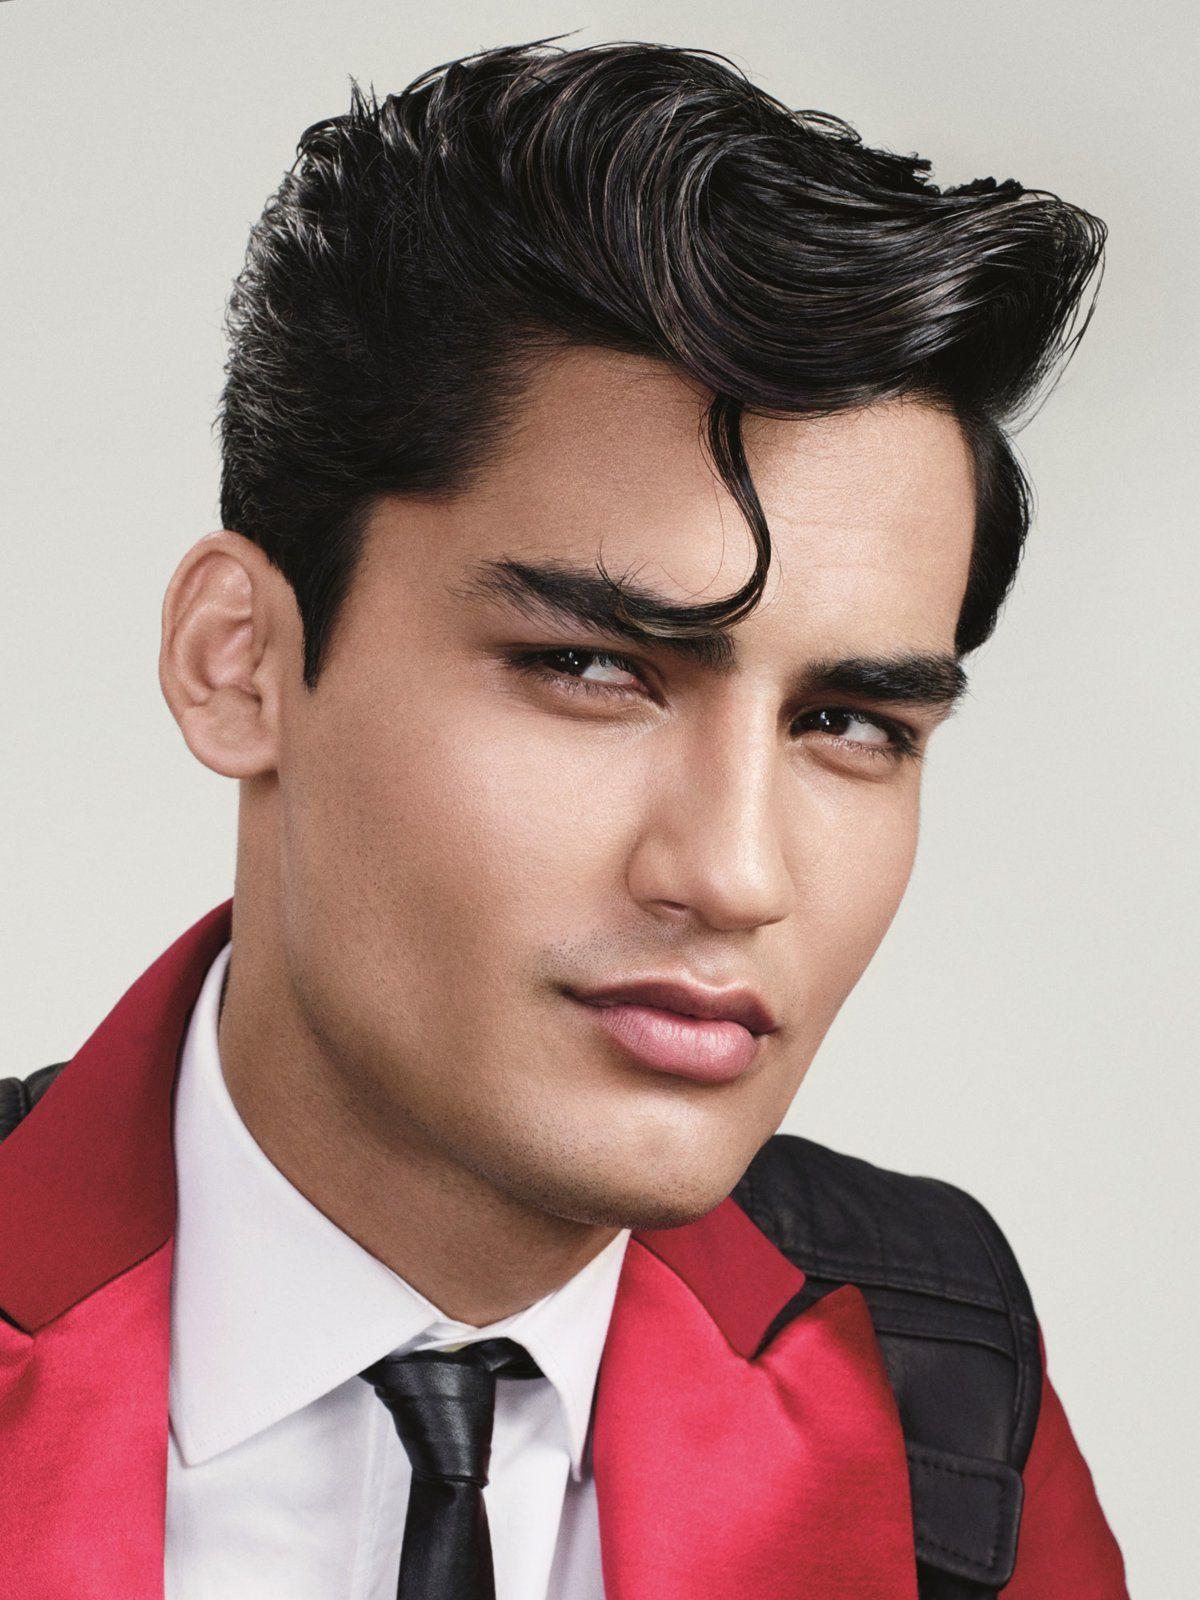 Die moderne Elvis-Tolle  Haartolle, Frisuren, Männer frisuren